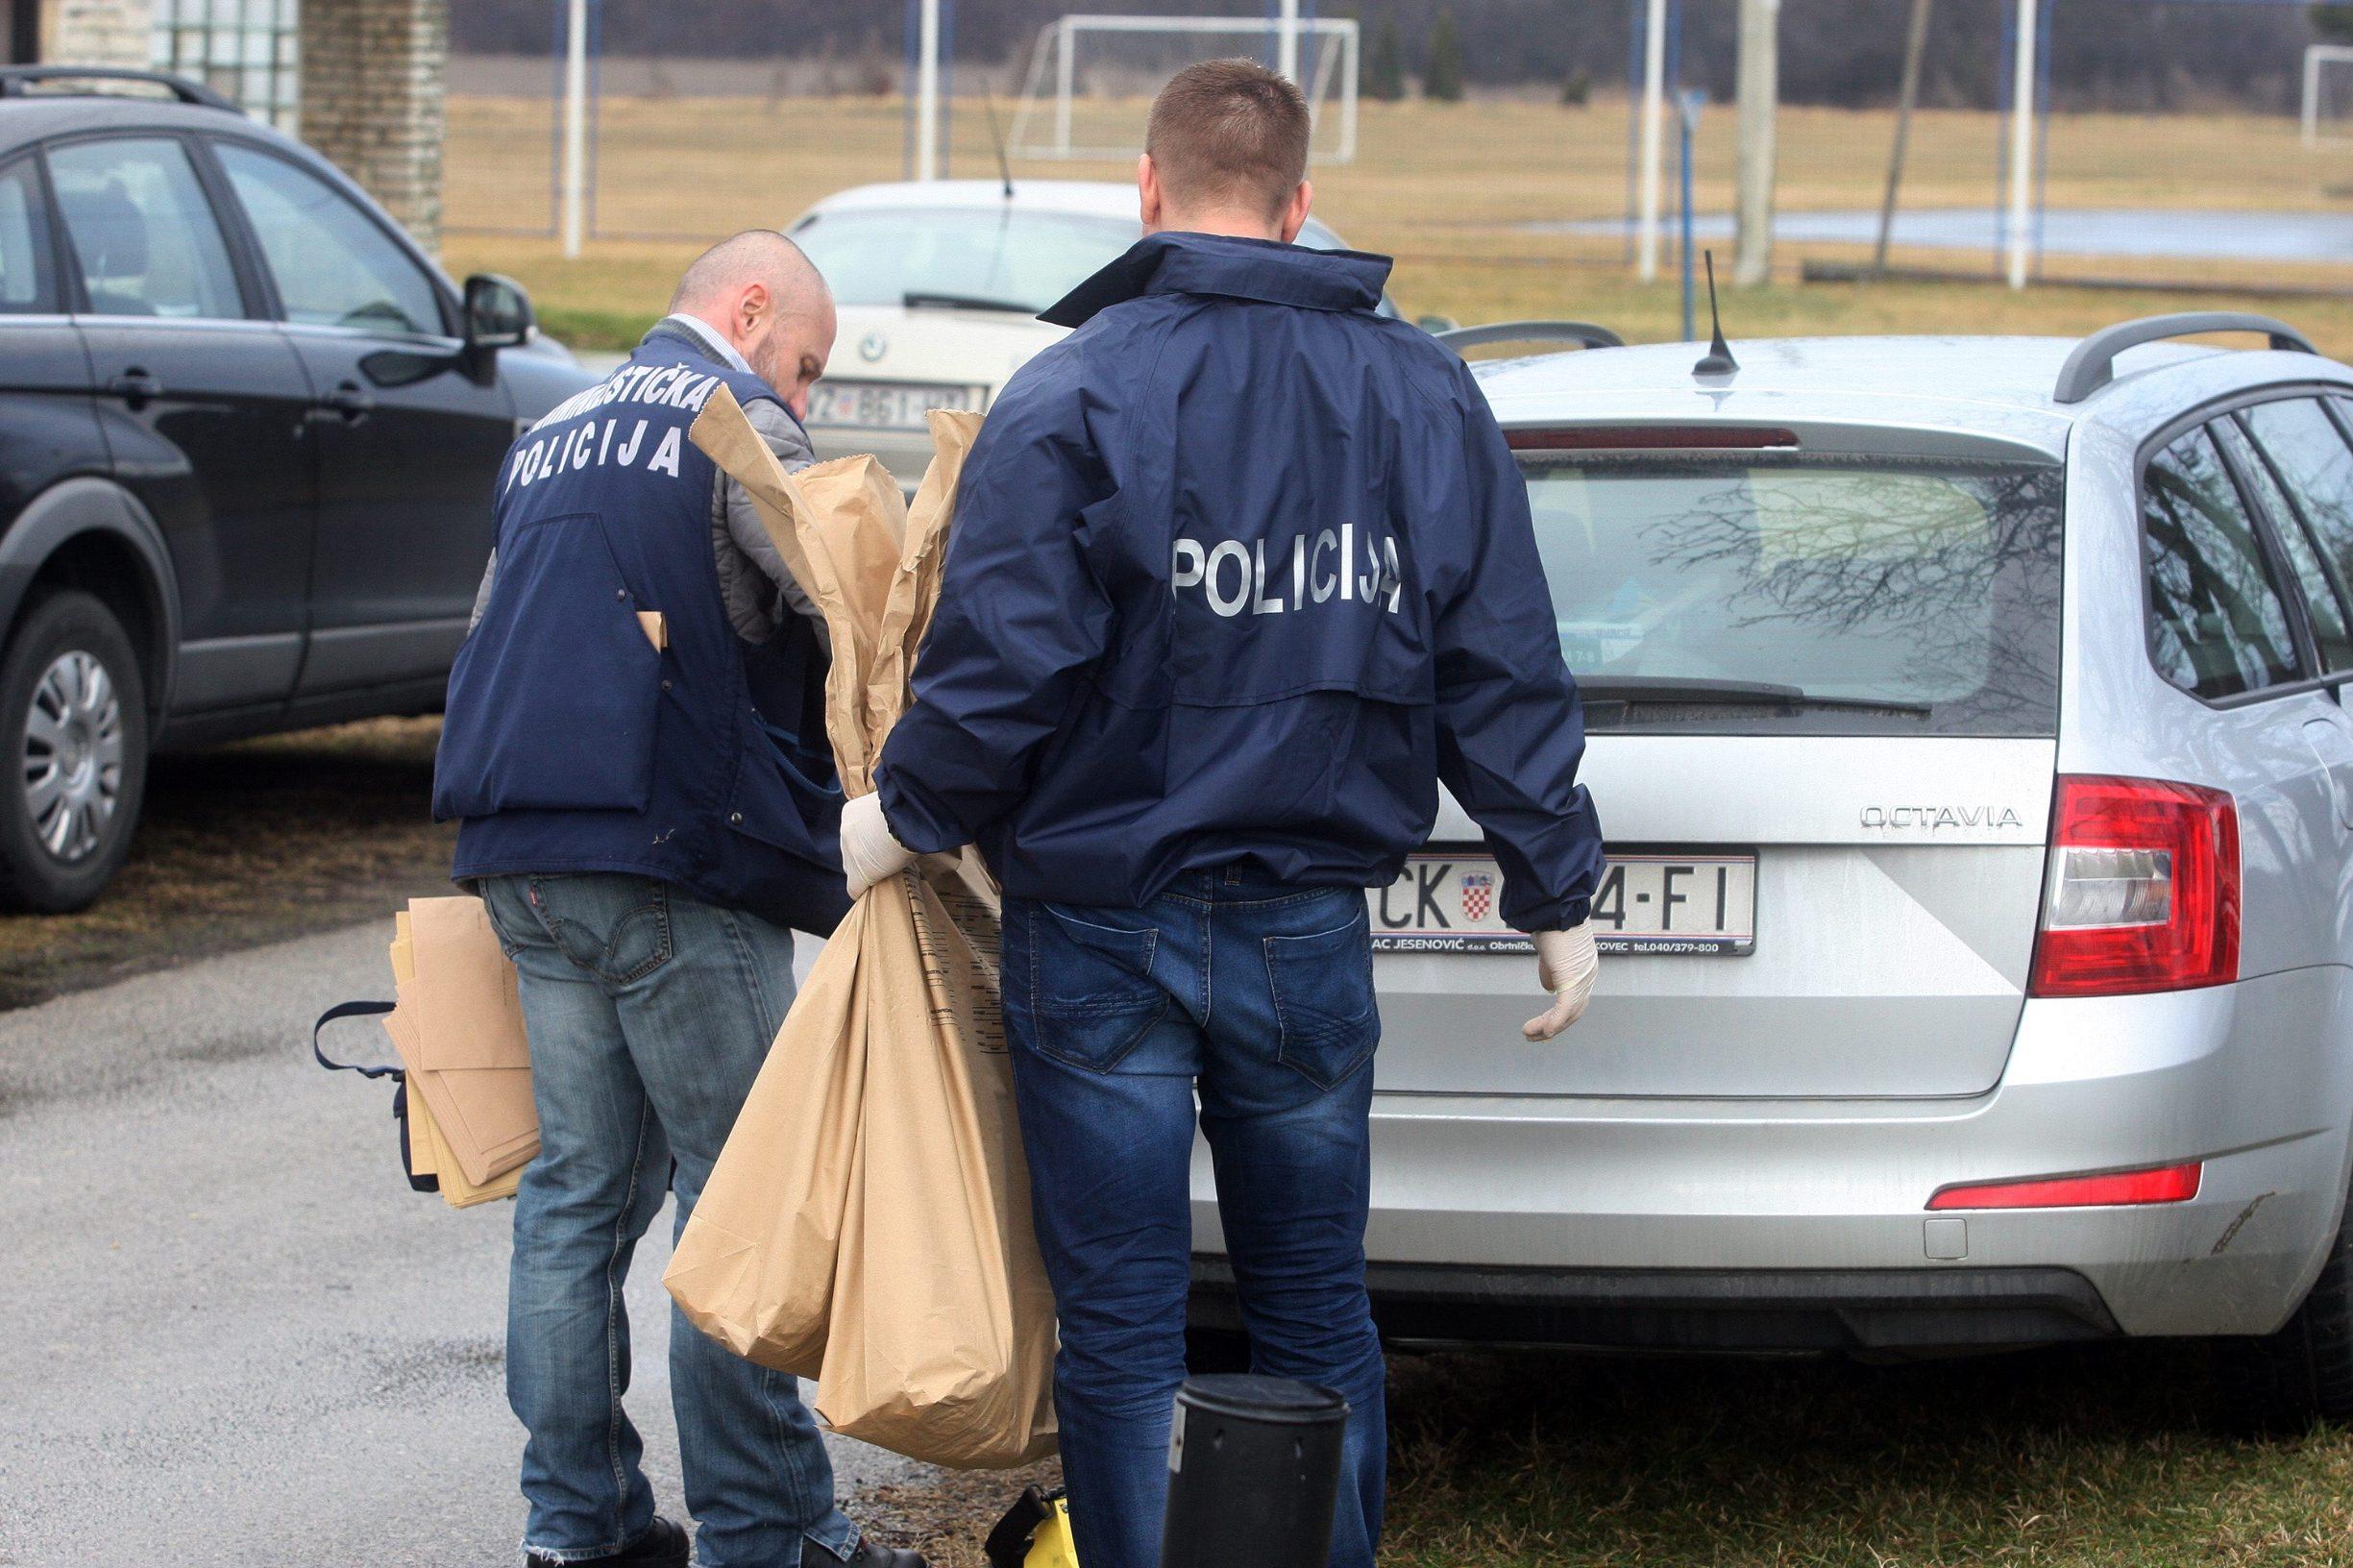 Palovec, 220219. Policija je jutros ponovo usla u kucu u Novoj ulici u Palovcu u kojoj je pronadjeno mrtvo tijelo Jasmine Dominic.  Foto: Zeljko Hajdinjak / CROPIX